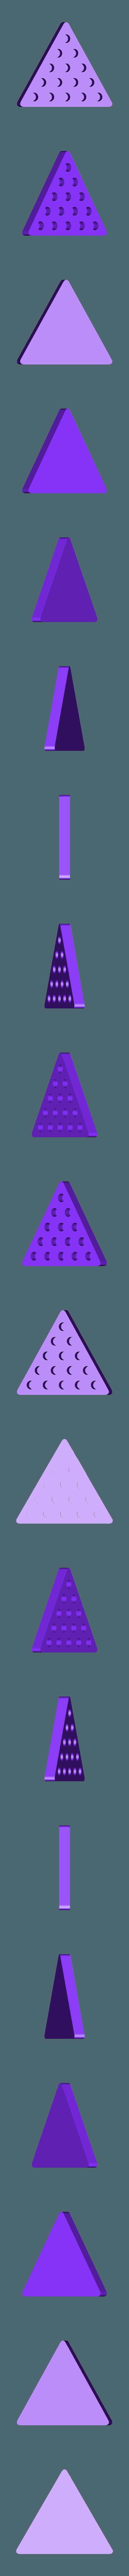 board_triangle.stl Télécharger fichier SCAD gratuit Peg solitaire : plus et triangle • Design pour imprimante 3D, arpruss